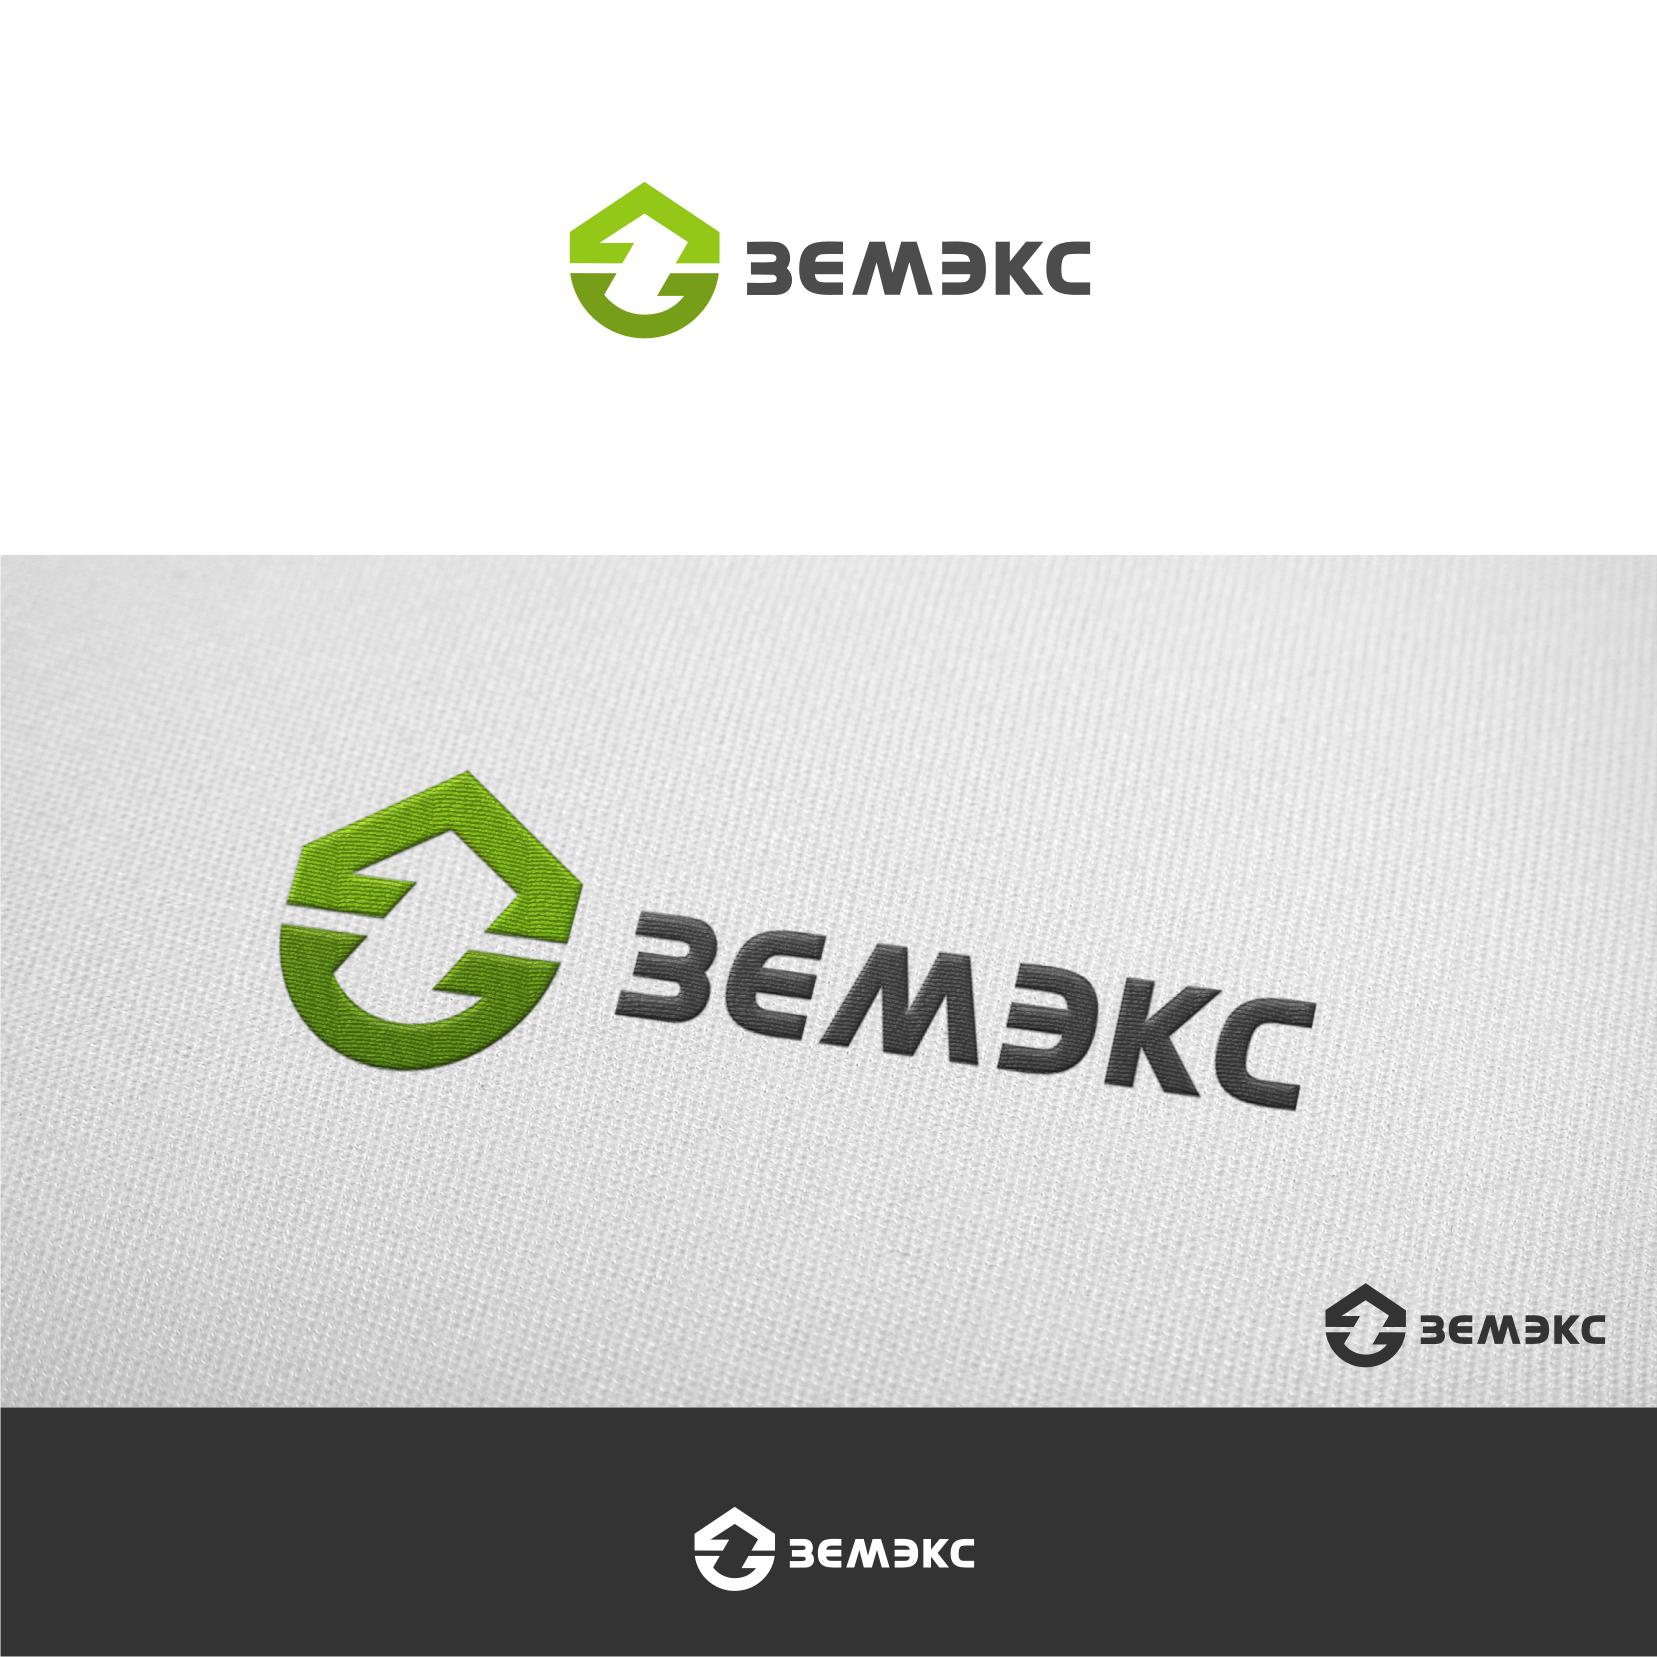 Создание логотипа и фирменного стиля фото f_75659e6ed869b165.png